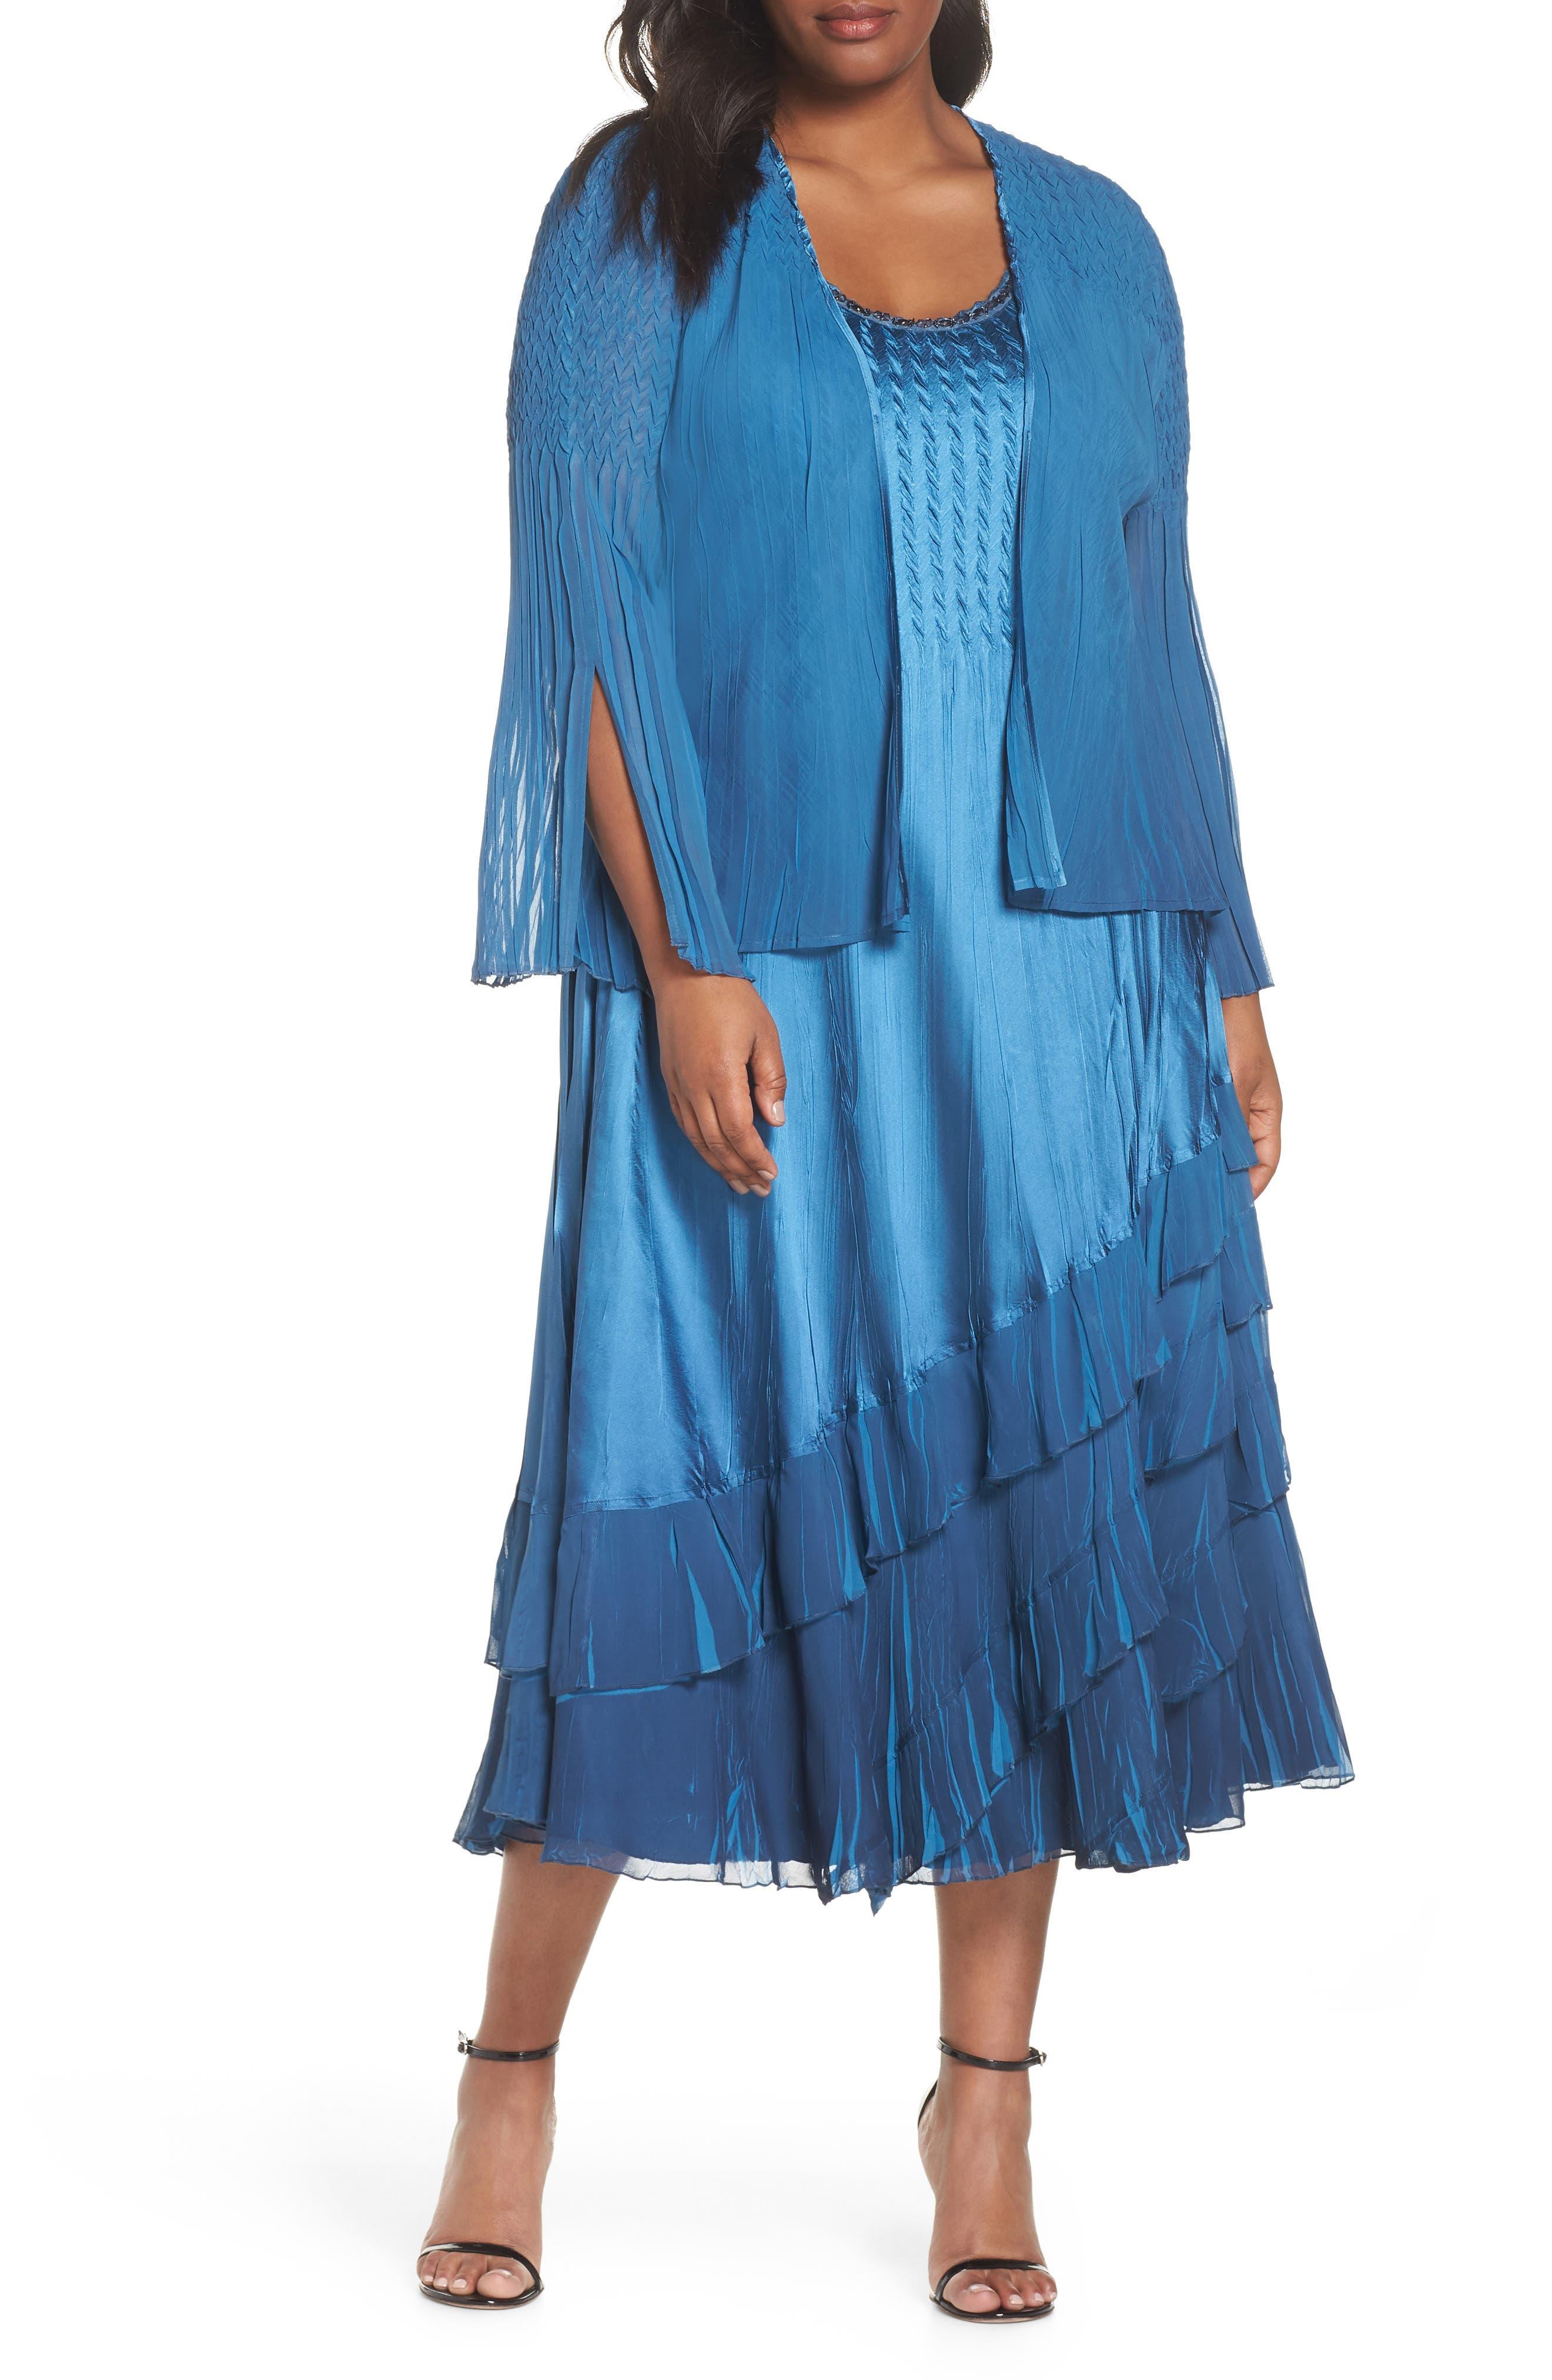 Komarov Plus Size Clothing For Women | Nordstrom